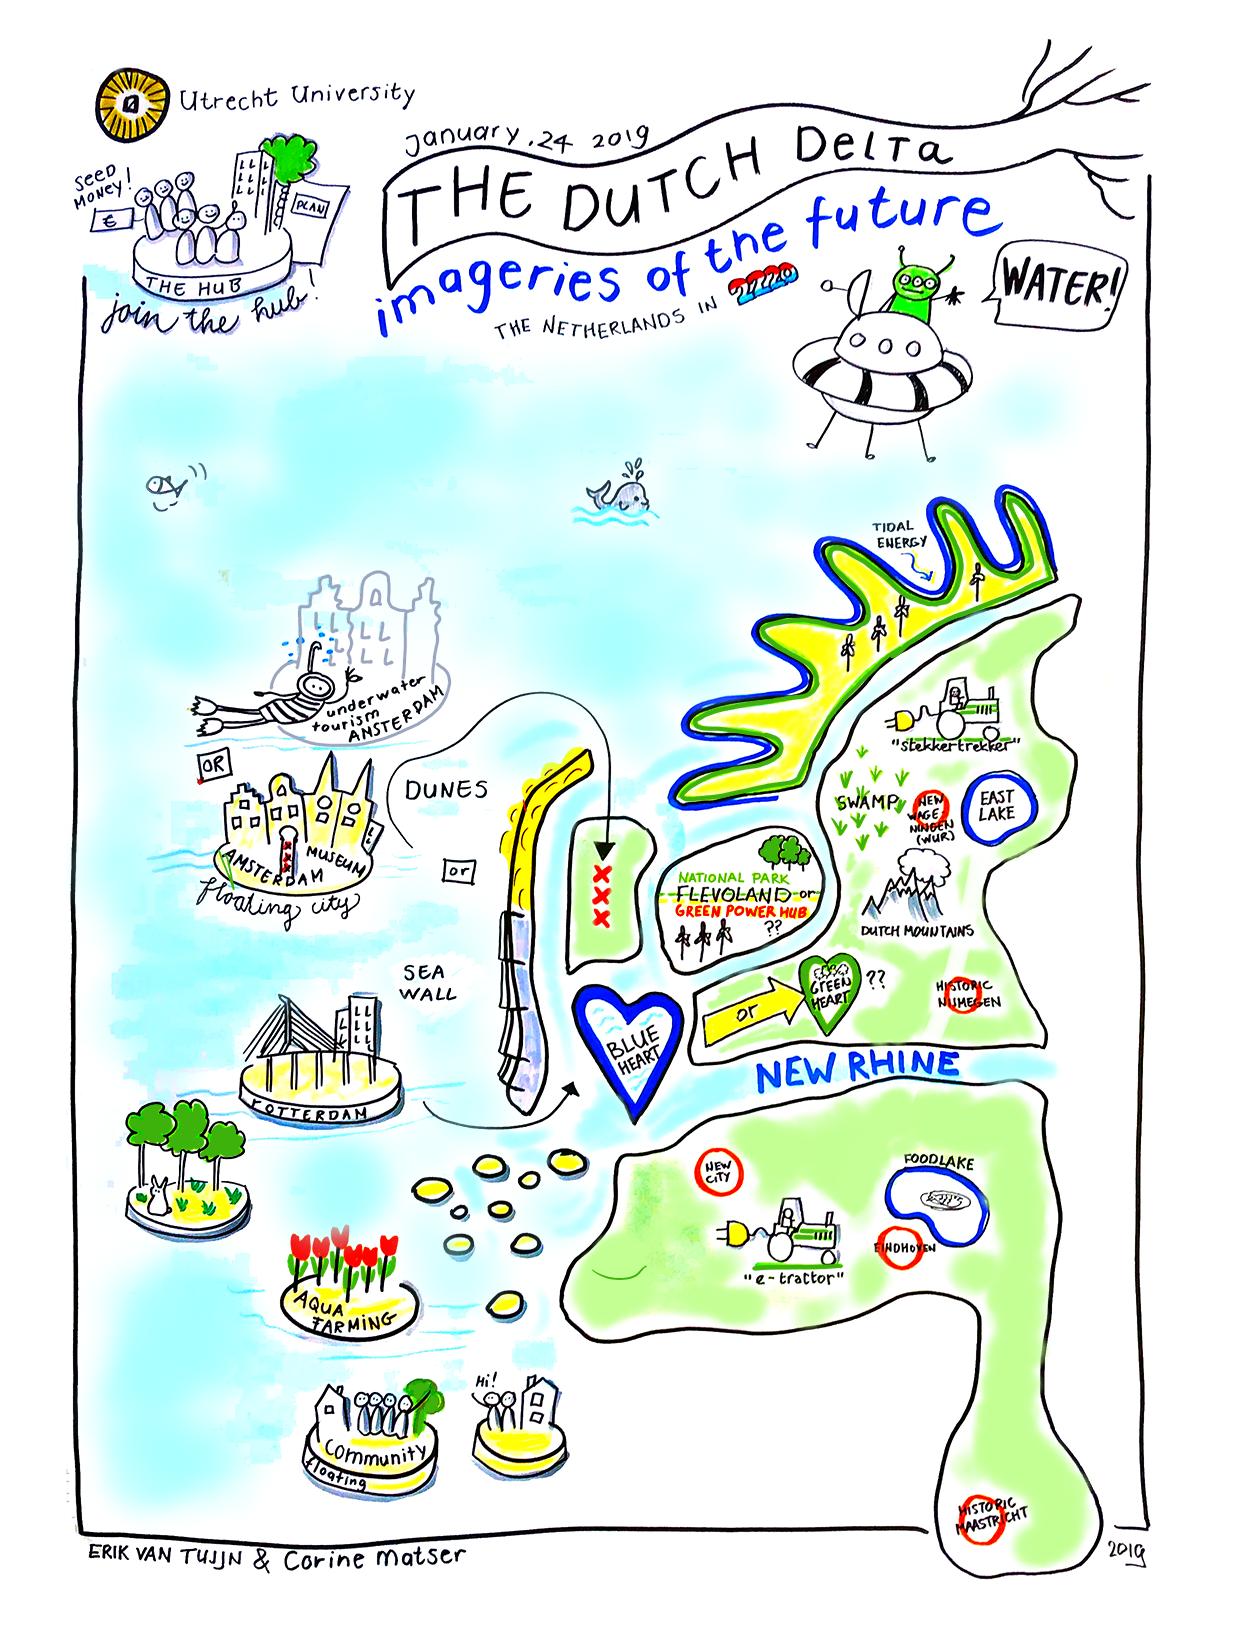 Visual impression of the Dutch delta of the future